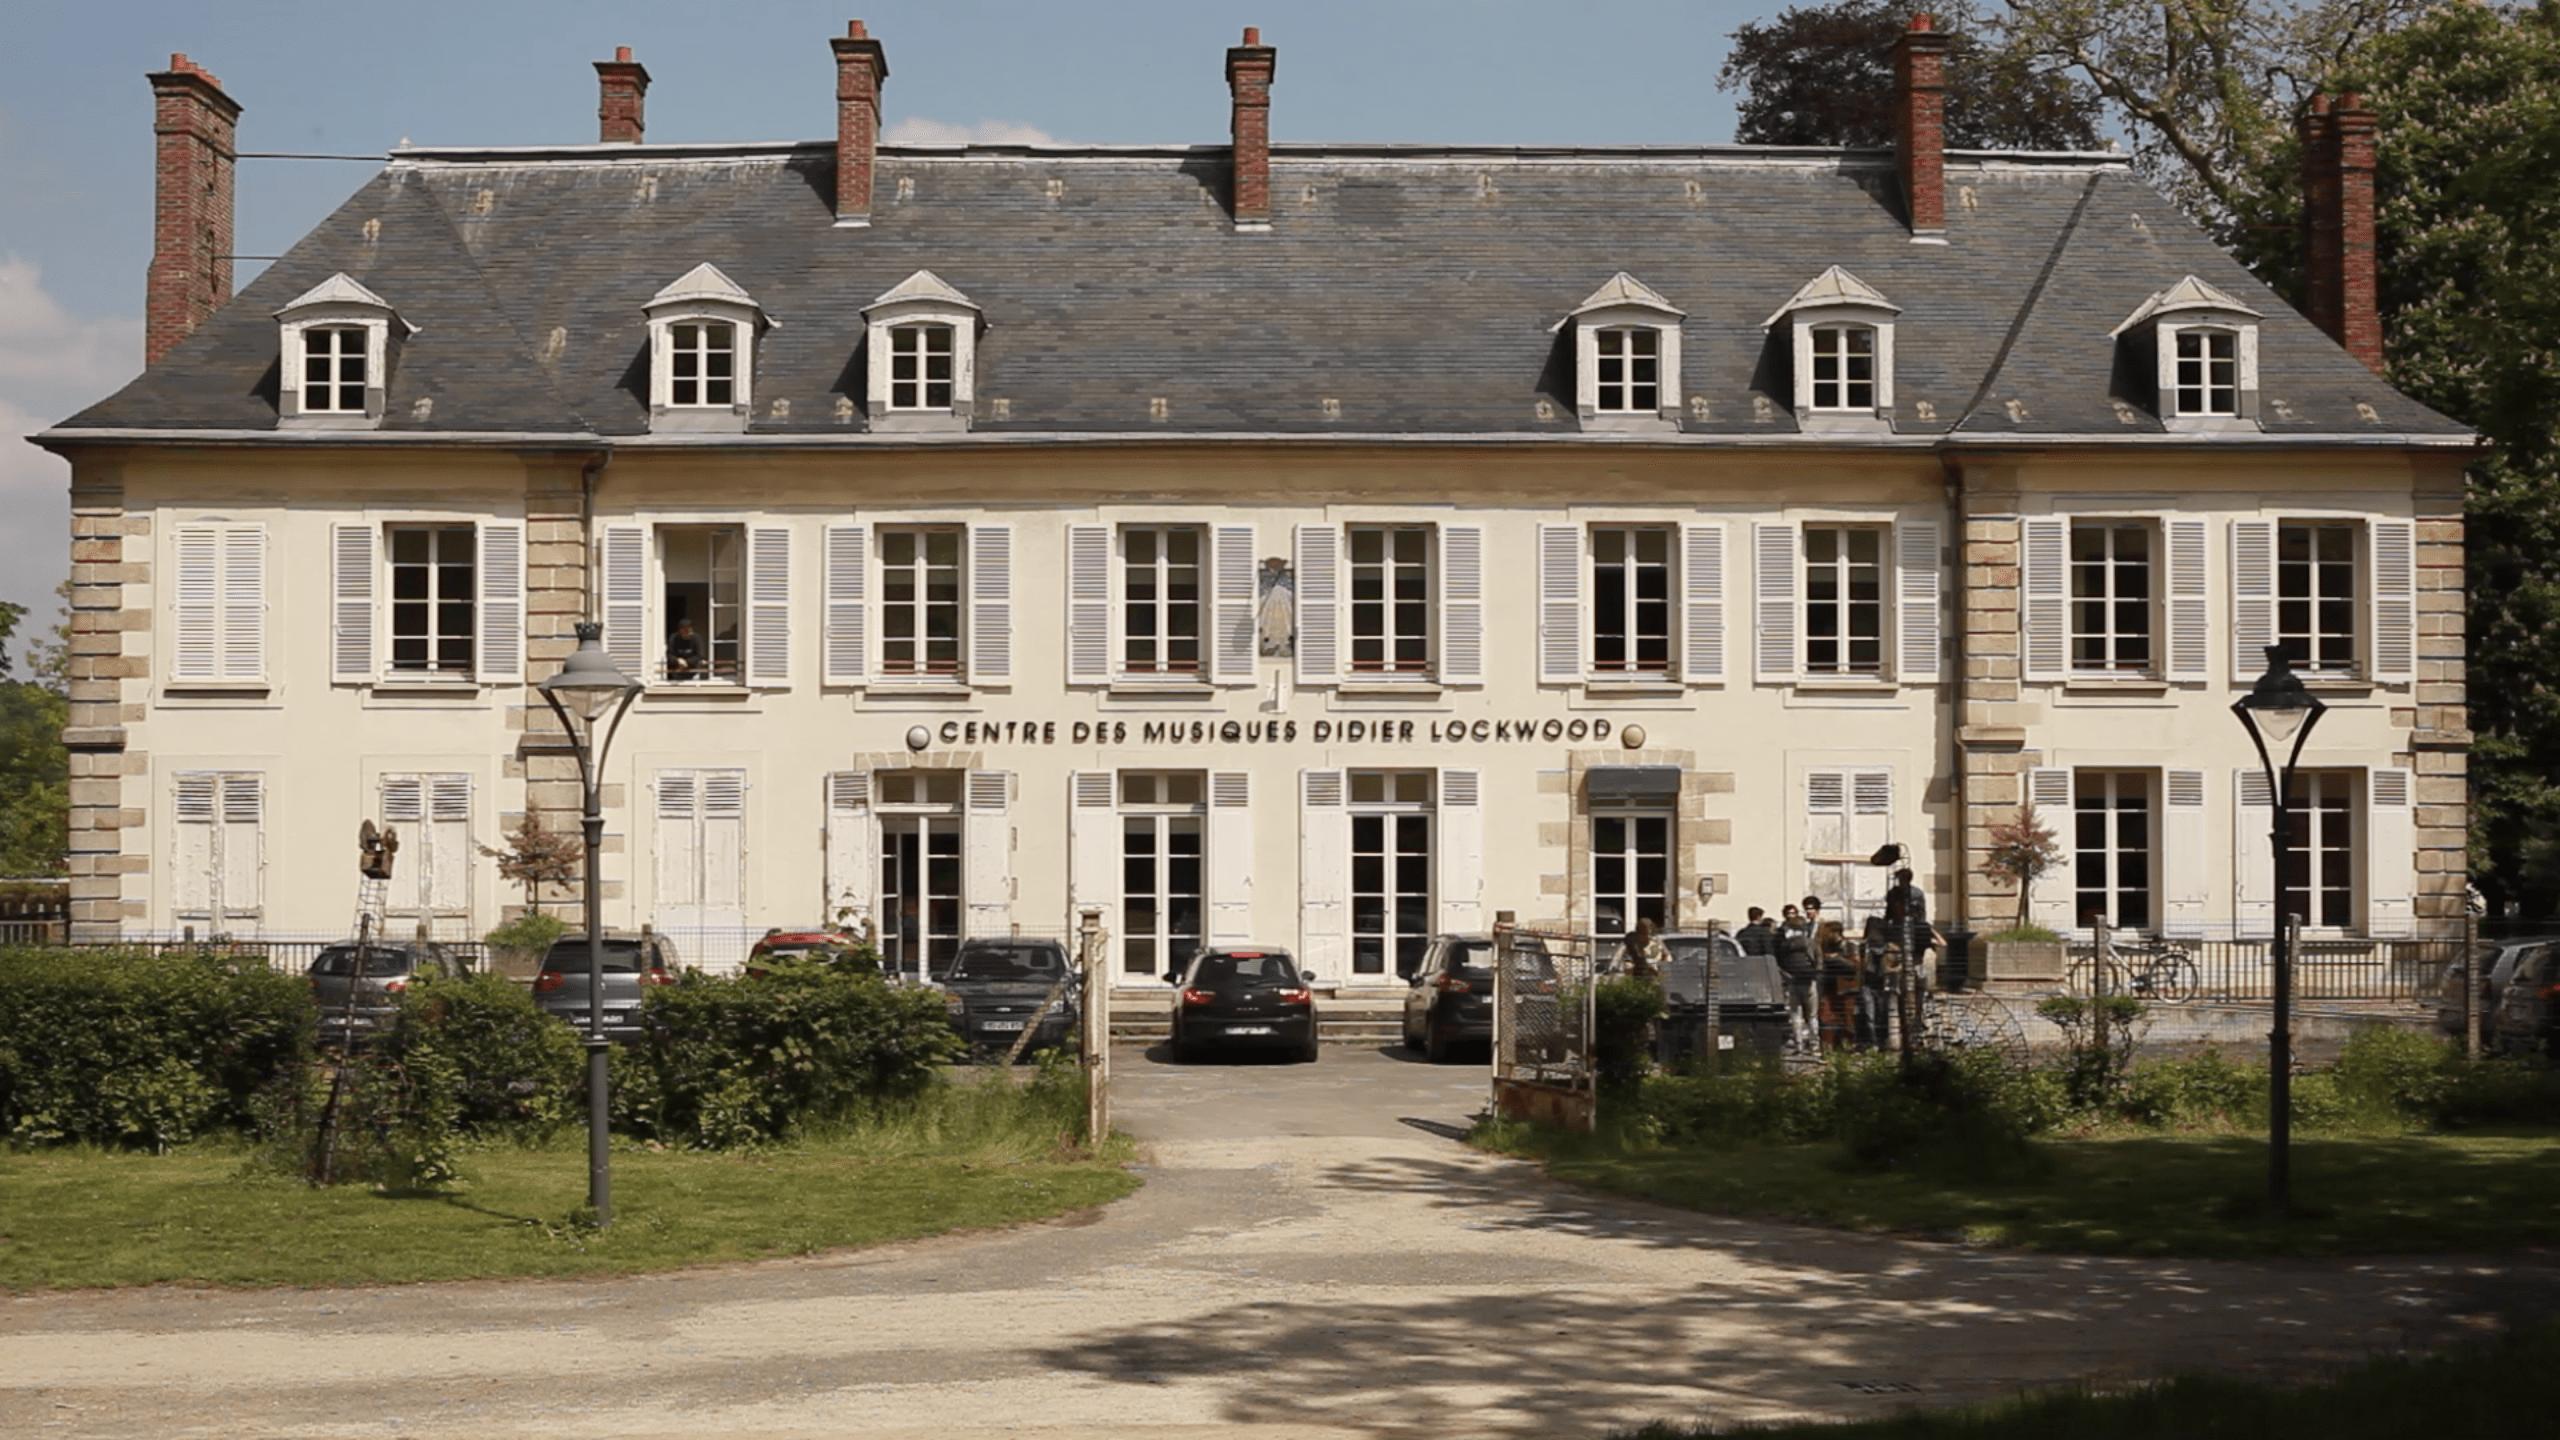 WELCOME TO LE CENTRE DES MUSIQUES DIDIER LOCKWOOD